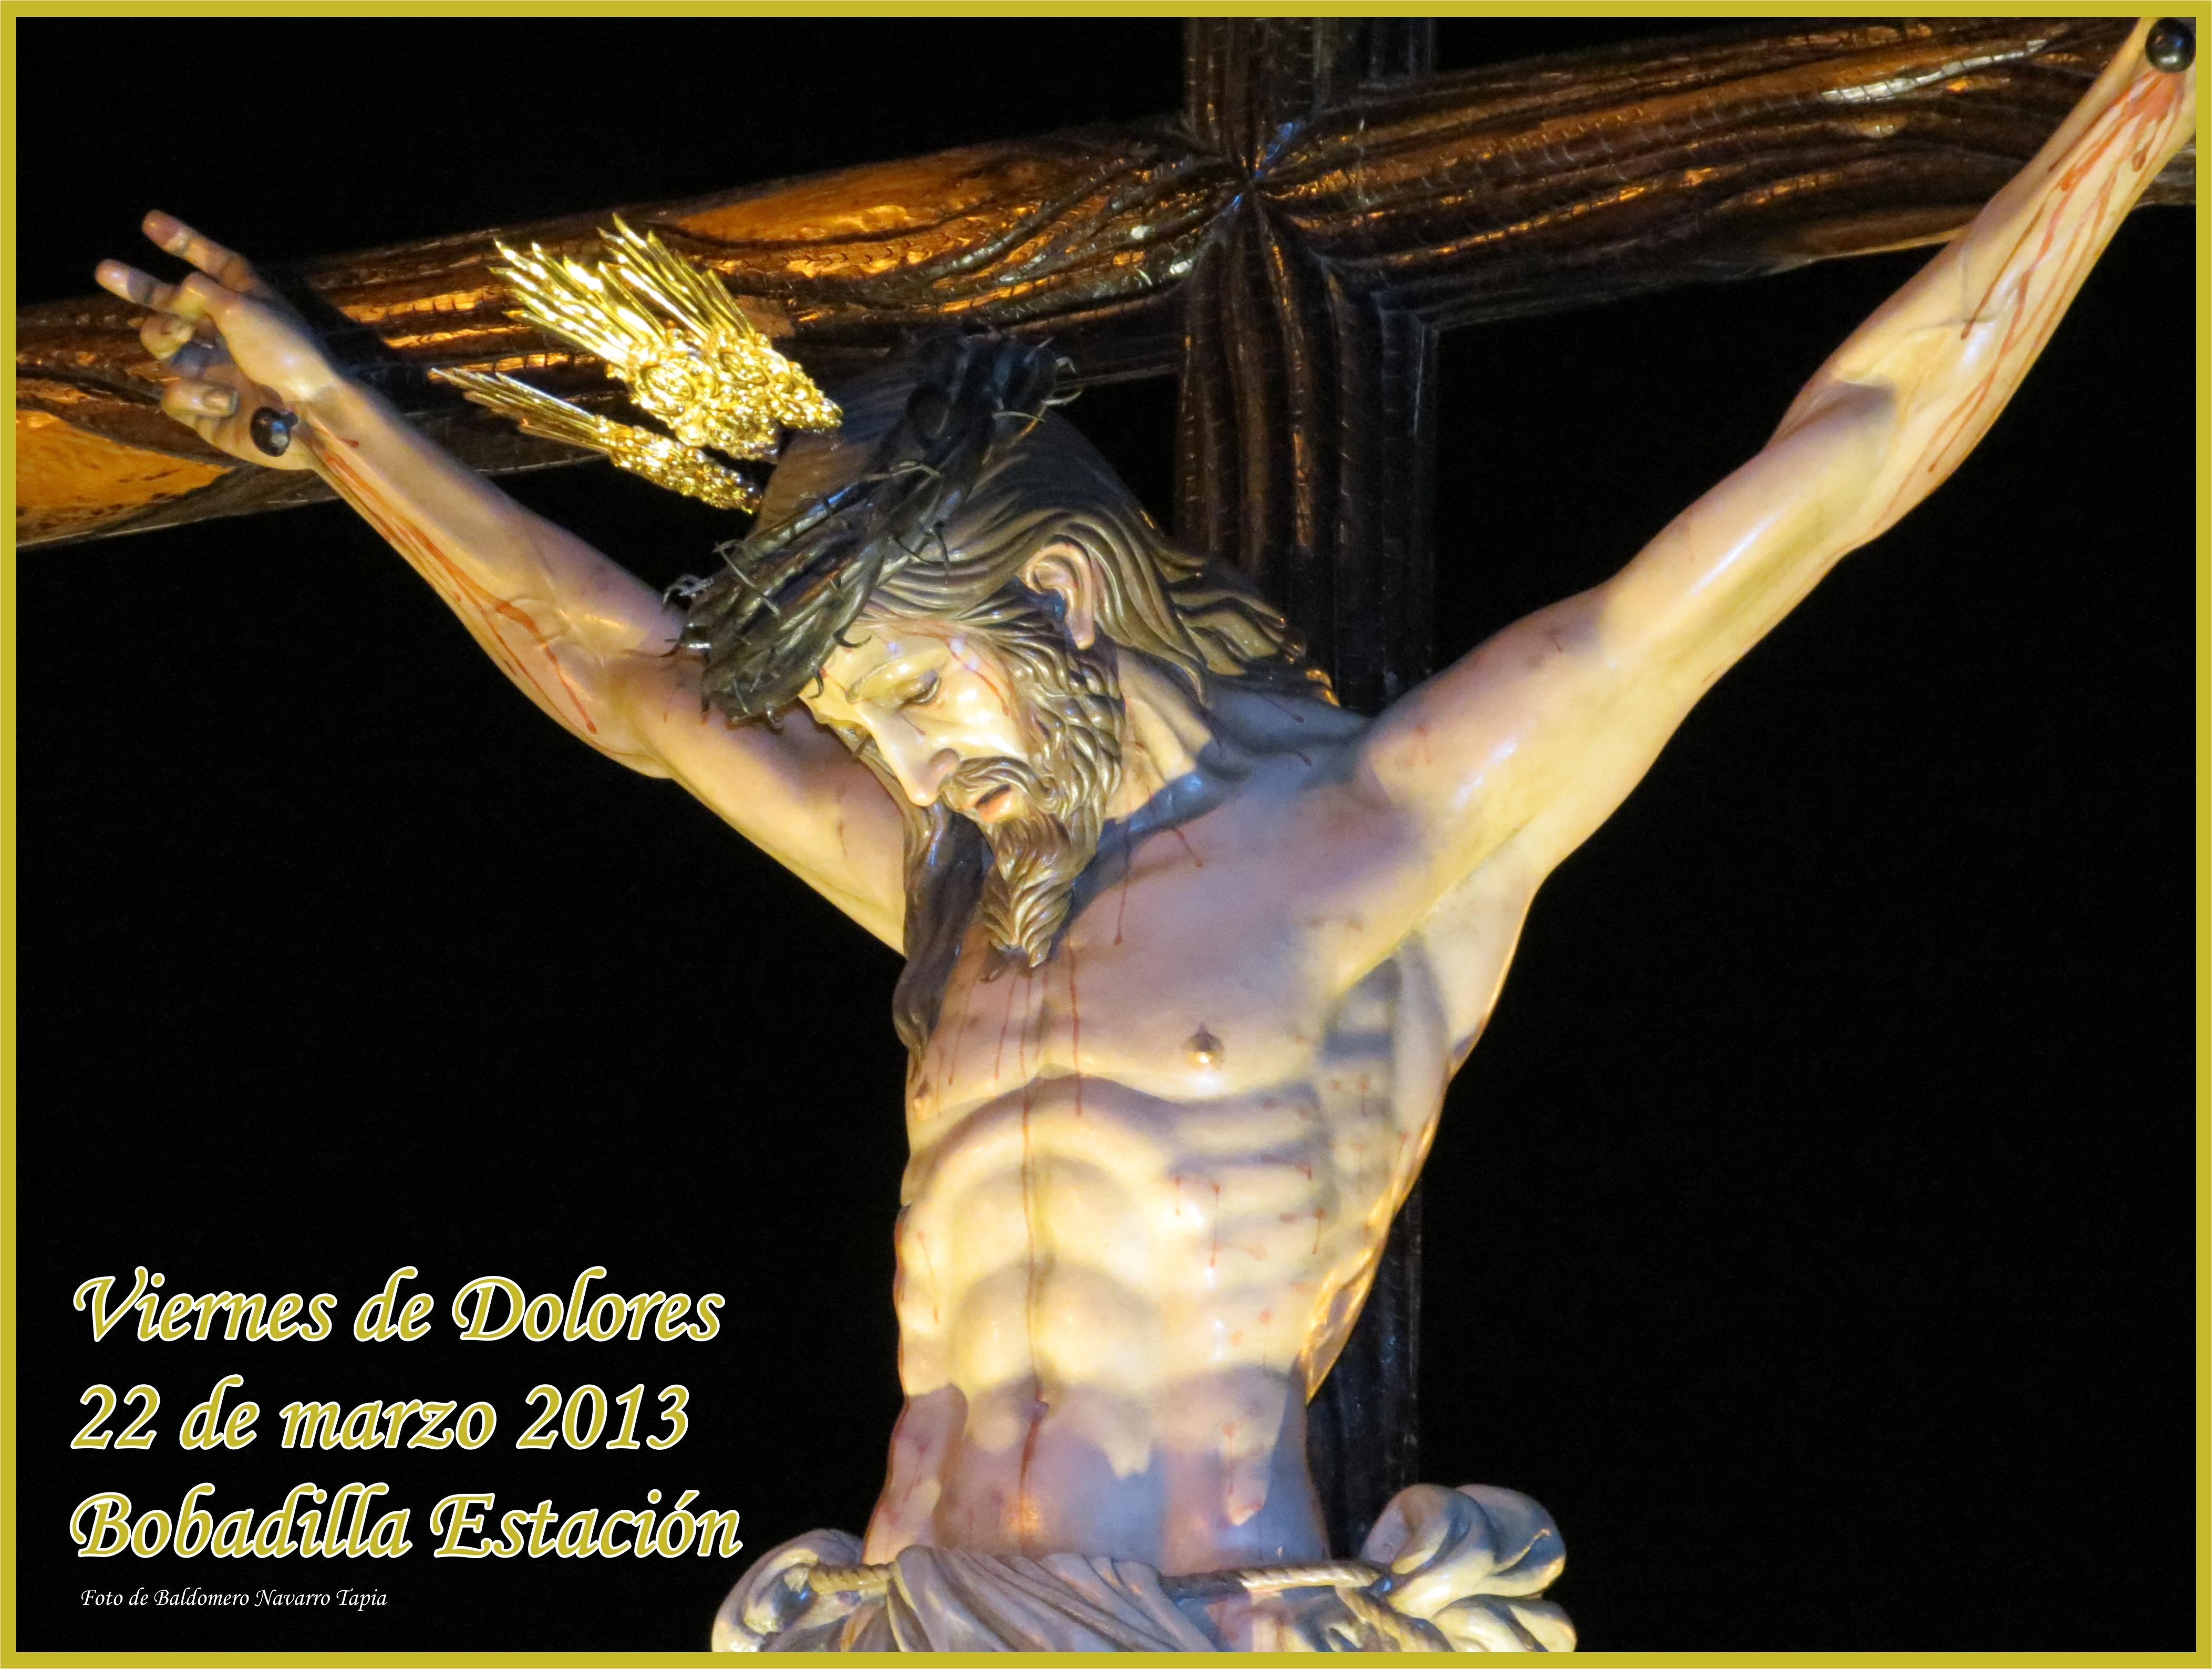 Cartel Viernes de Dolores Bobadilla